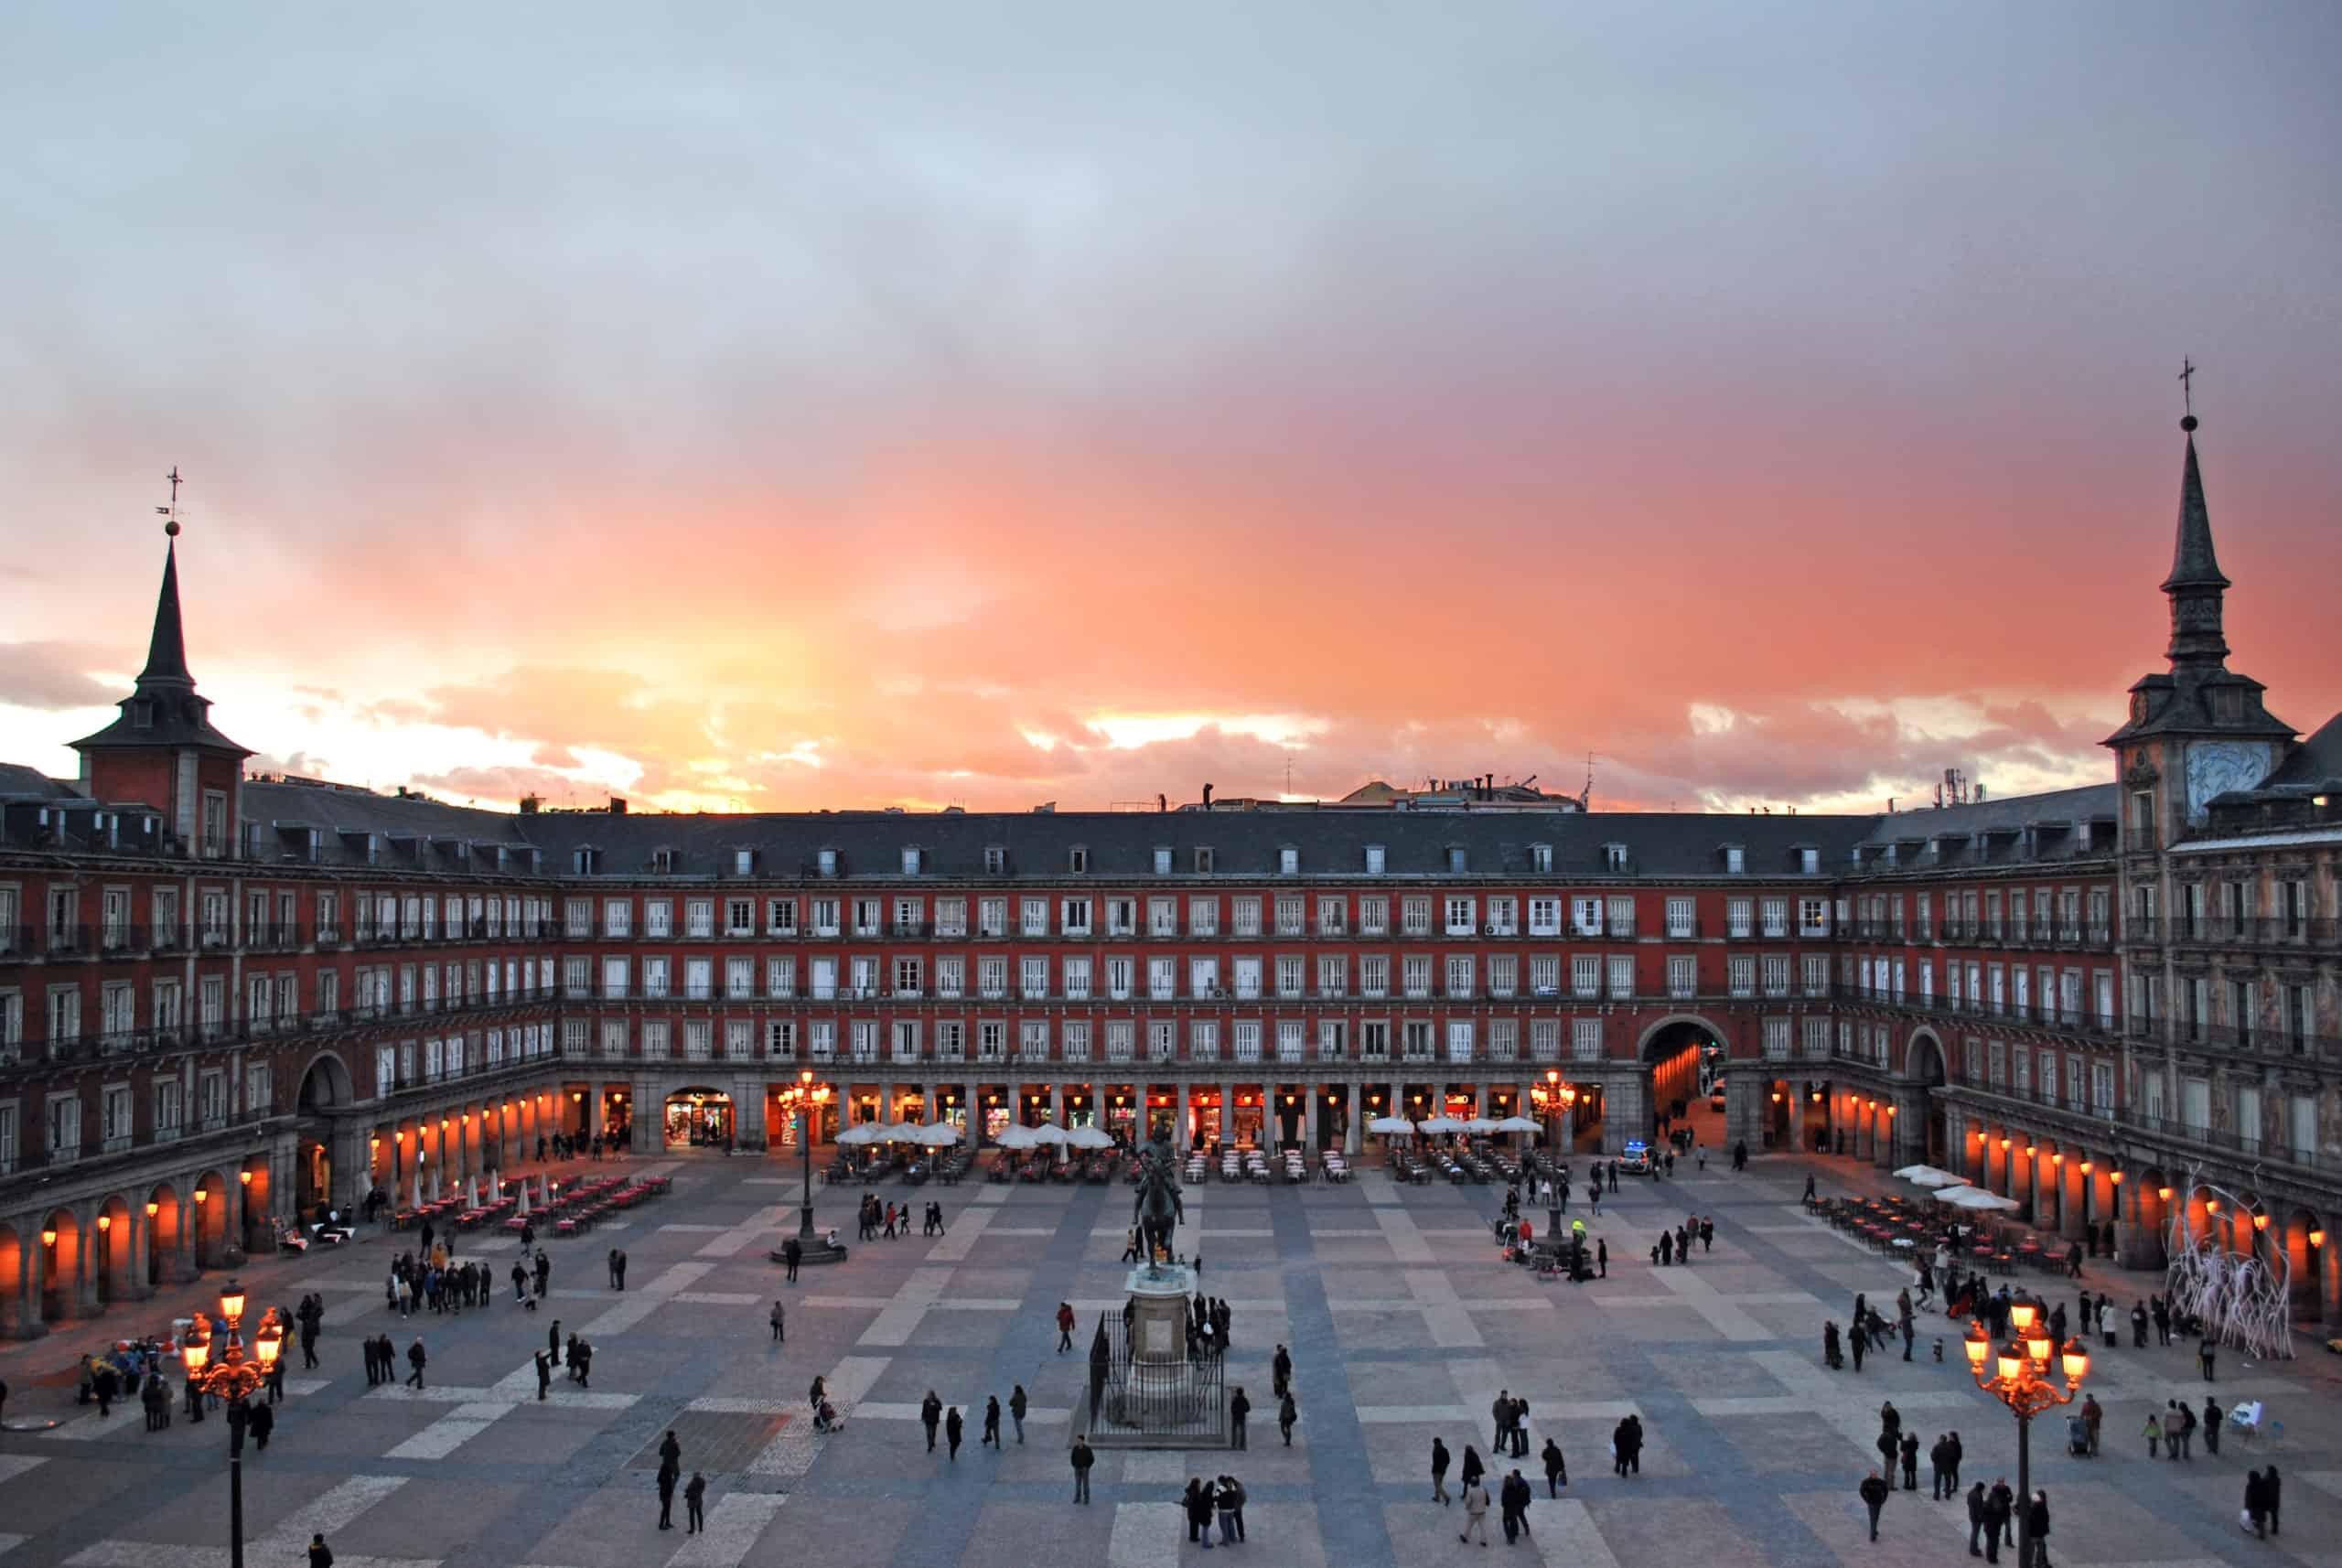 Madrid ofrece visitas temáticas guiadas a 1 euro para recuperar el sector turístico